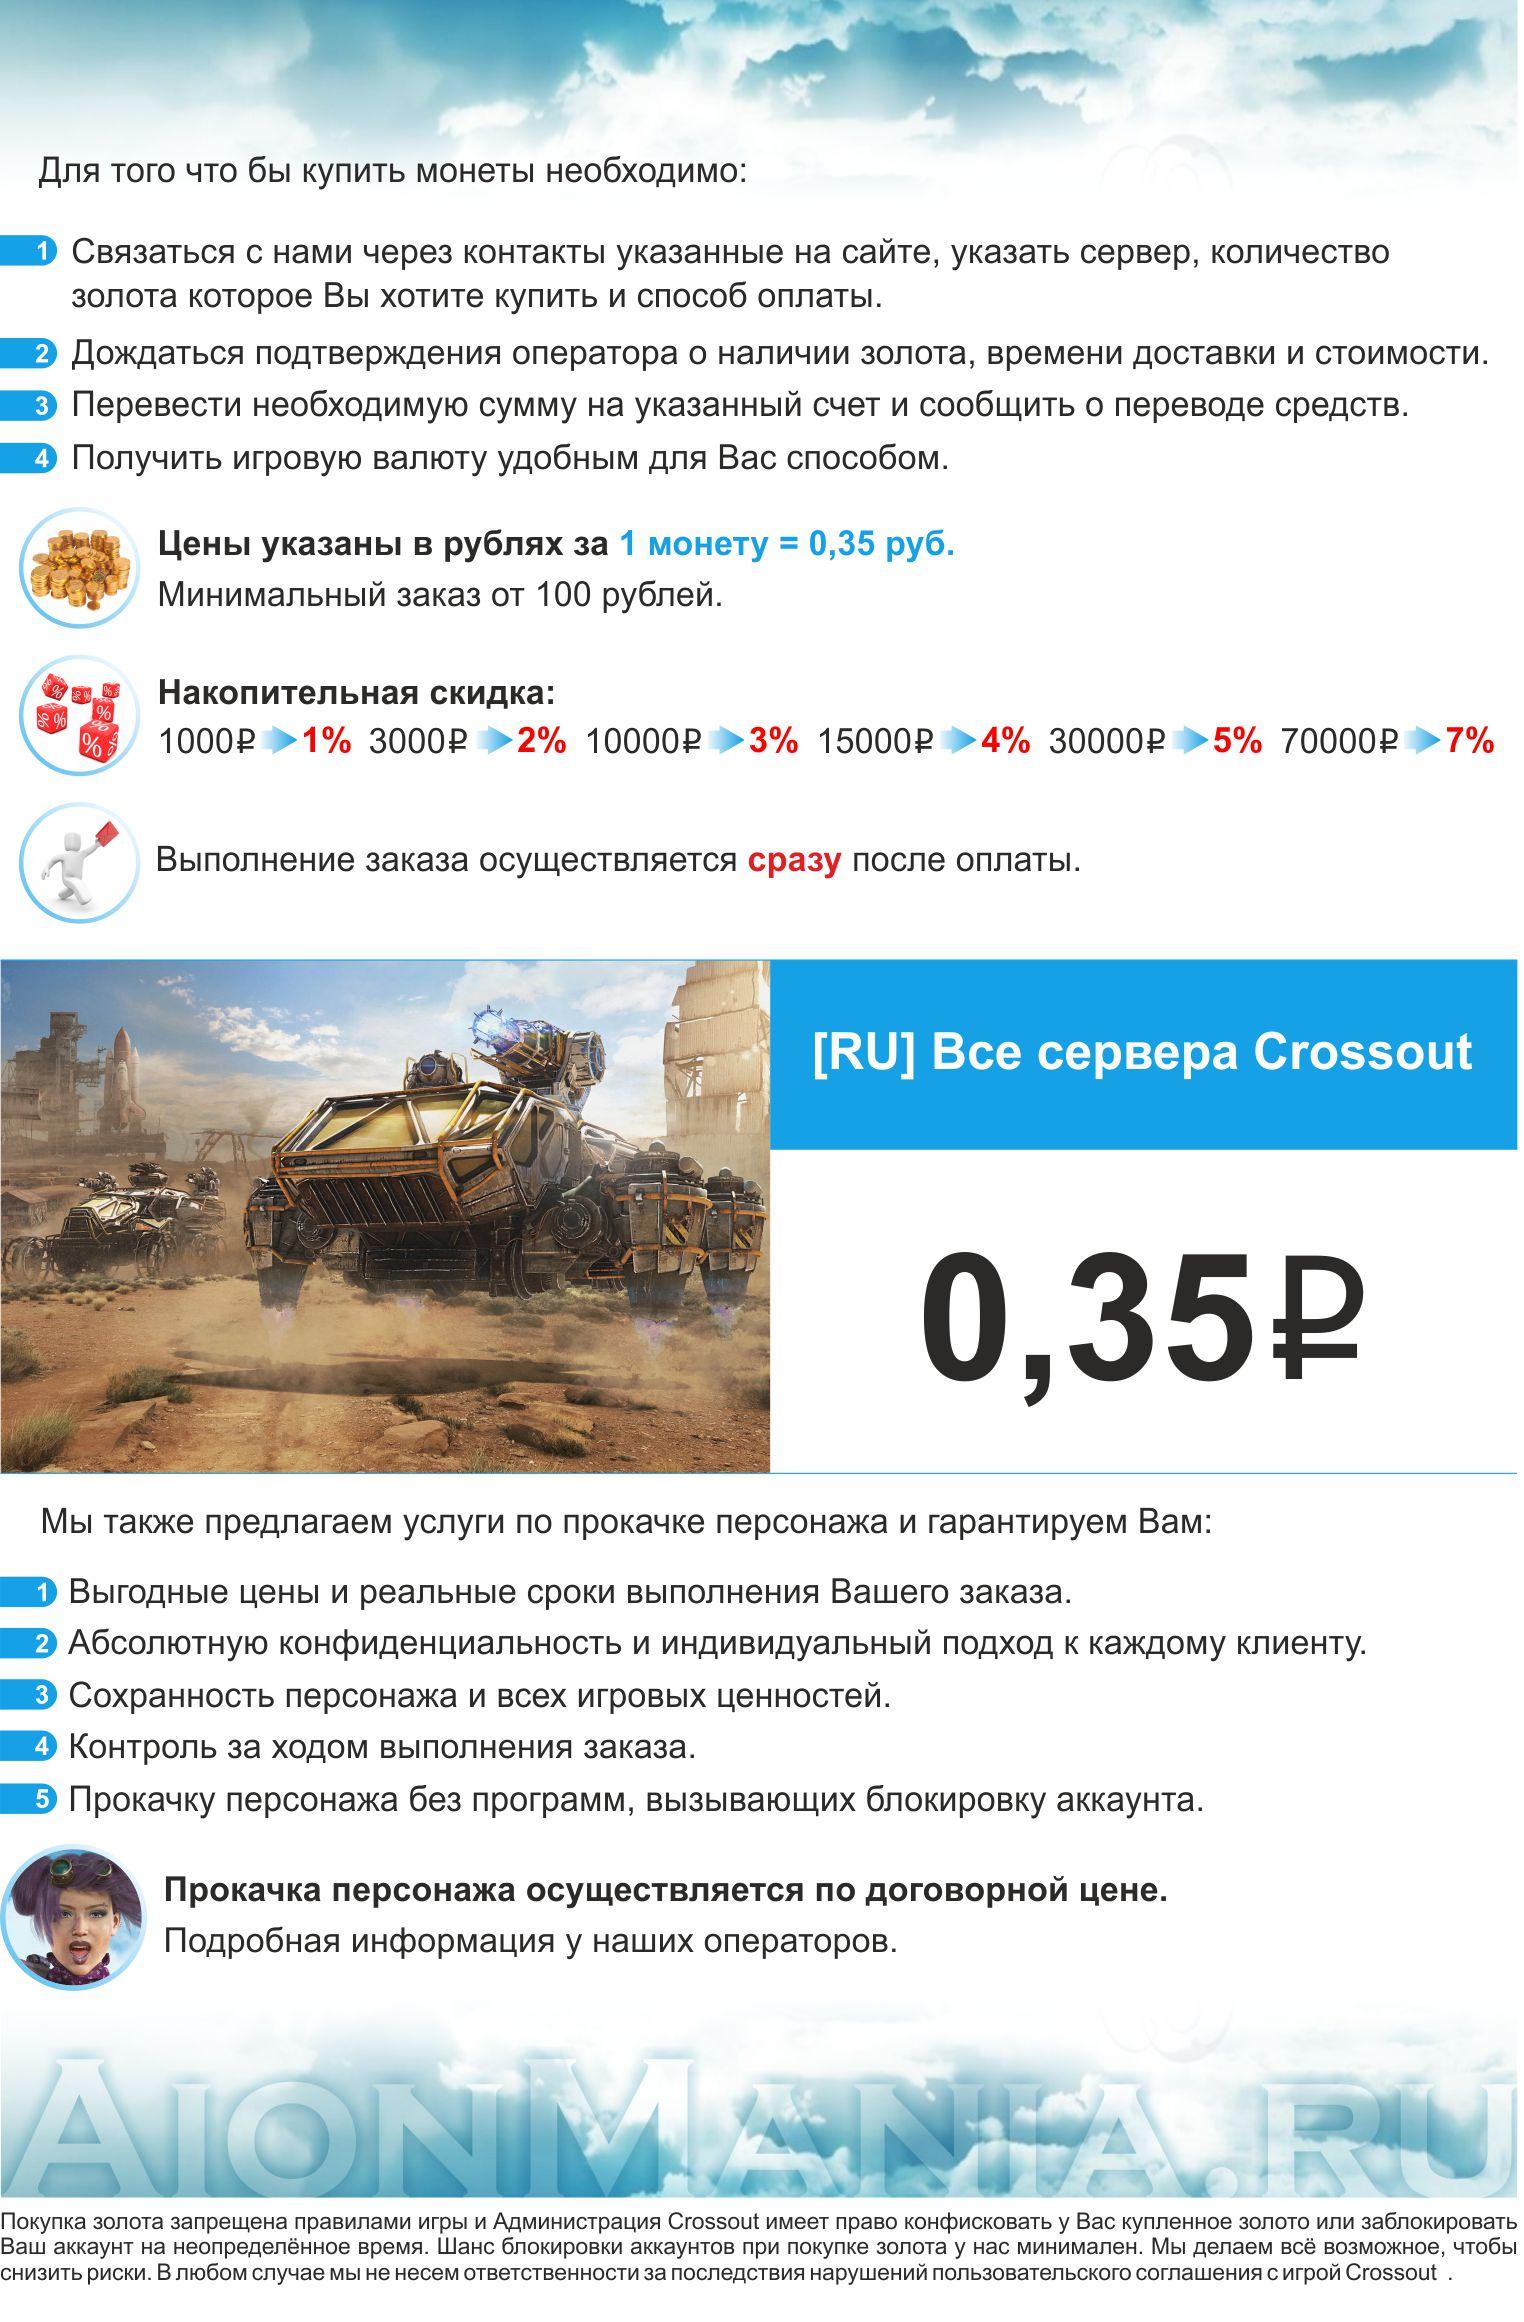 кросаут035ттип